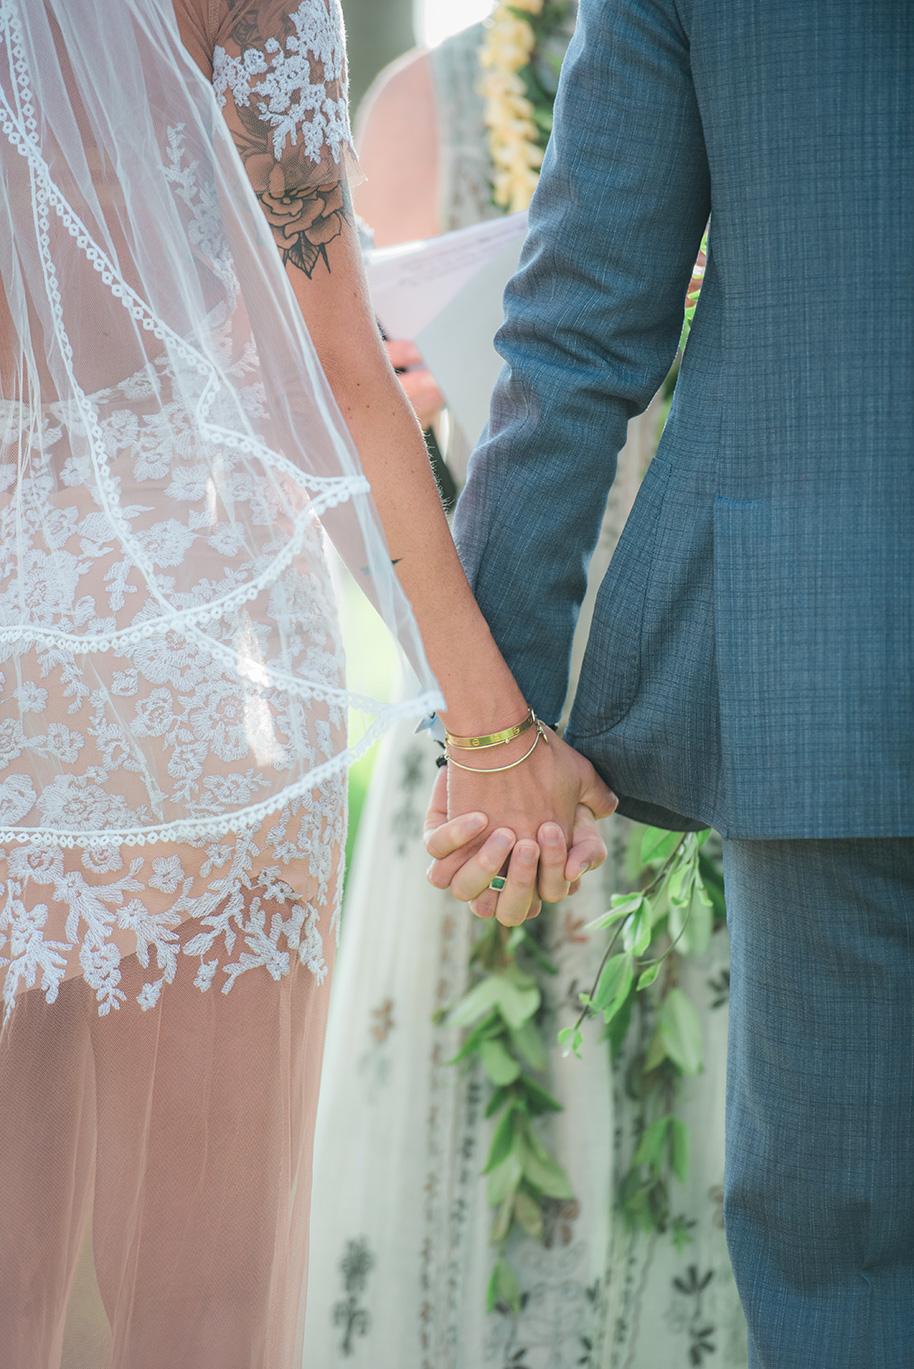 Lanikuhonua-Wedding-052316-11